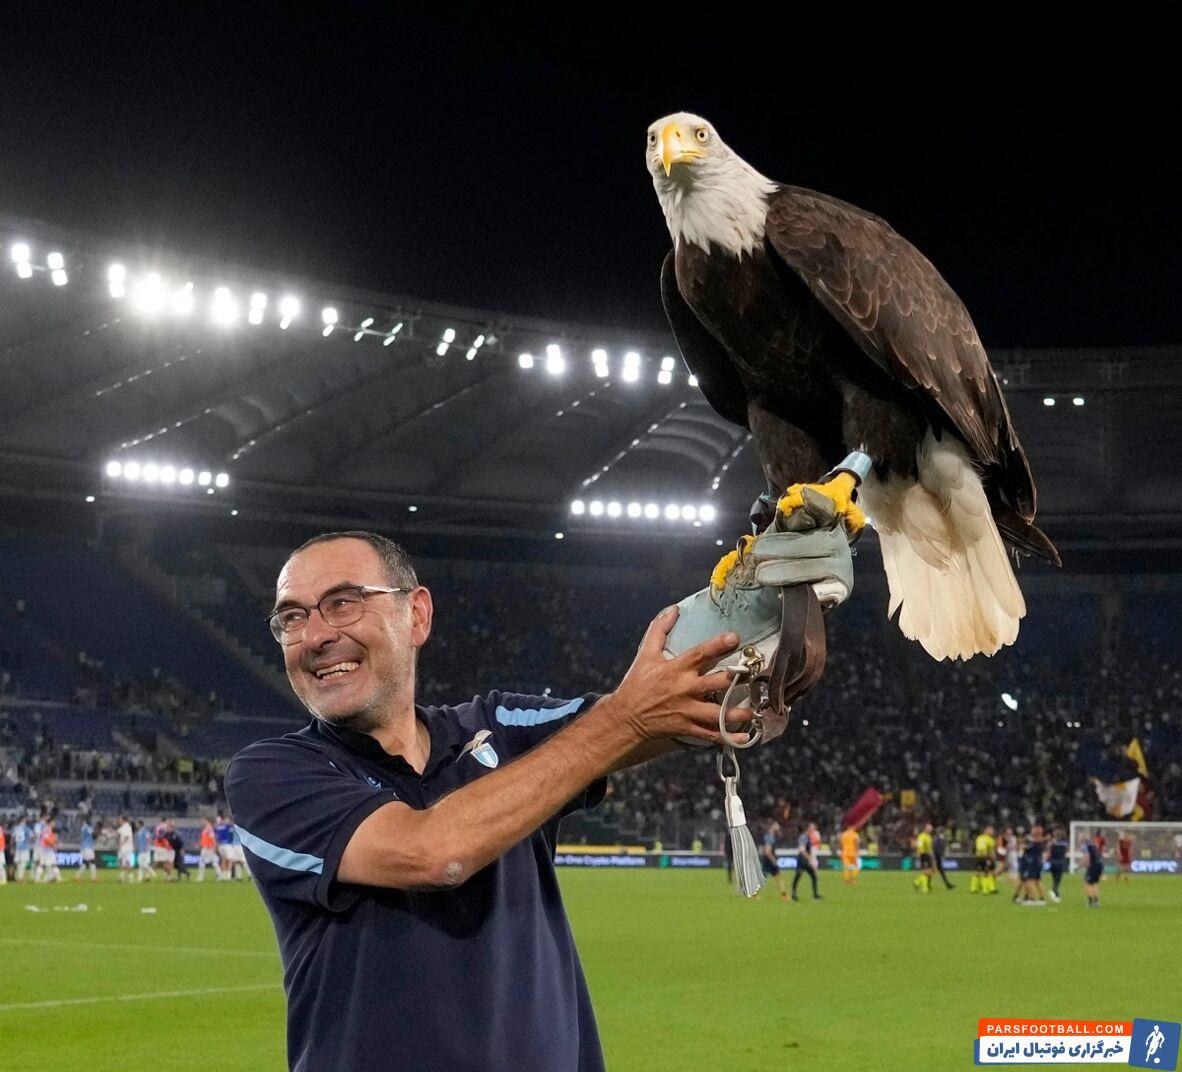 اولین دربی برای مائوریتسیو ساری فوقالعاده سپری شد، چرا که لاتزیو موفق شد با نتیجه ۳ بر ۲ رم را شکست دهد و به امتیازهای ارزشمند این بازی برسد.